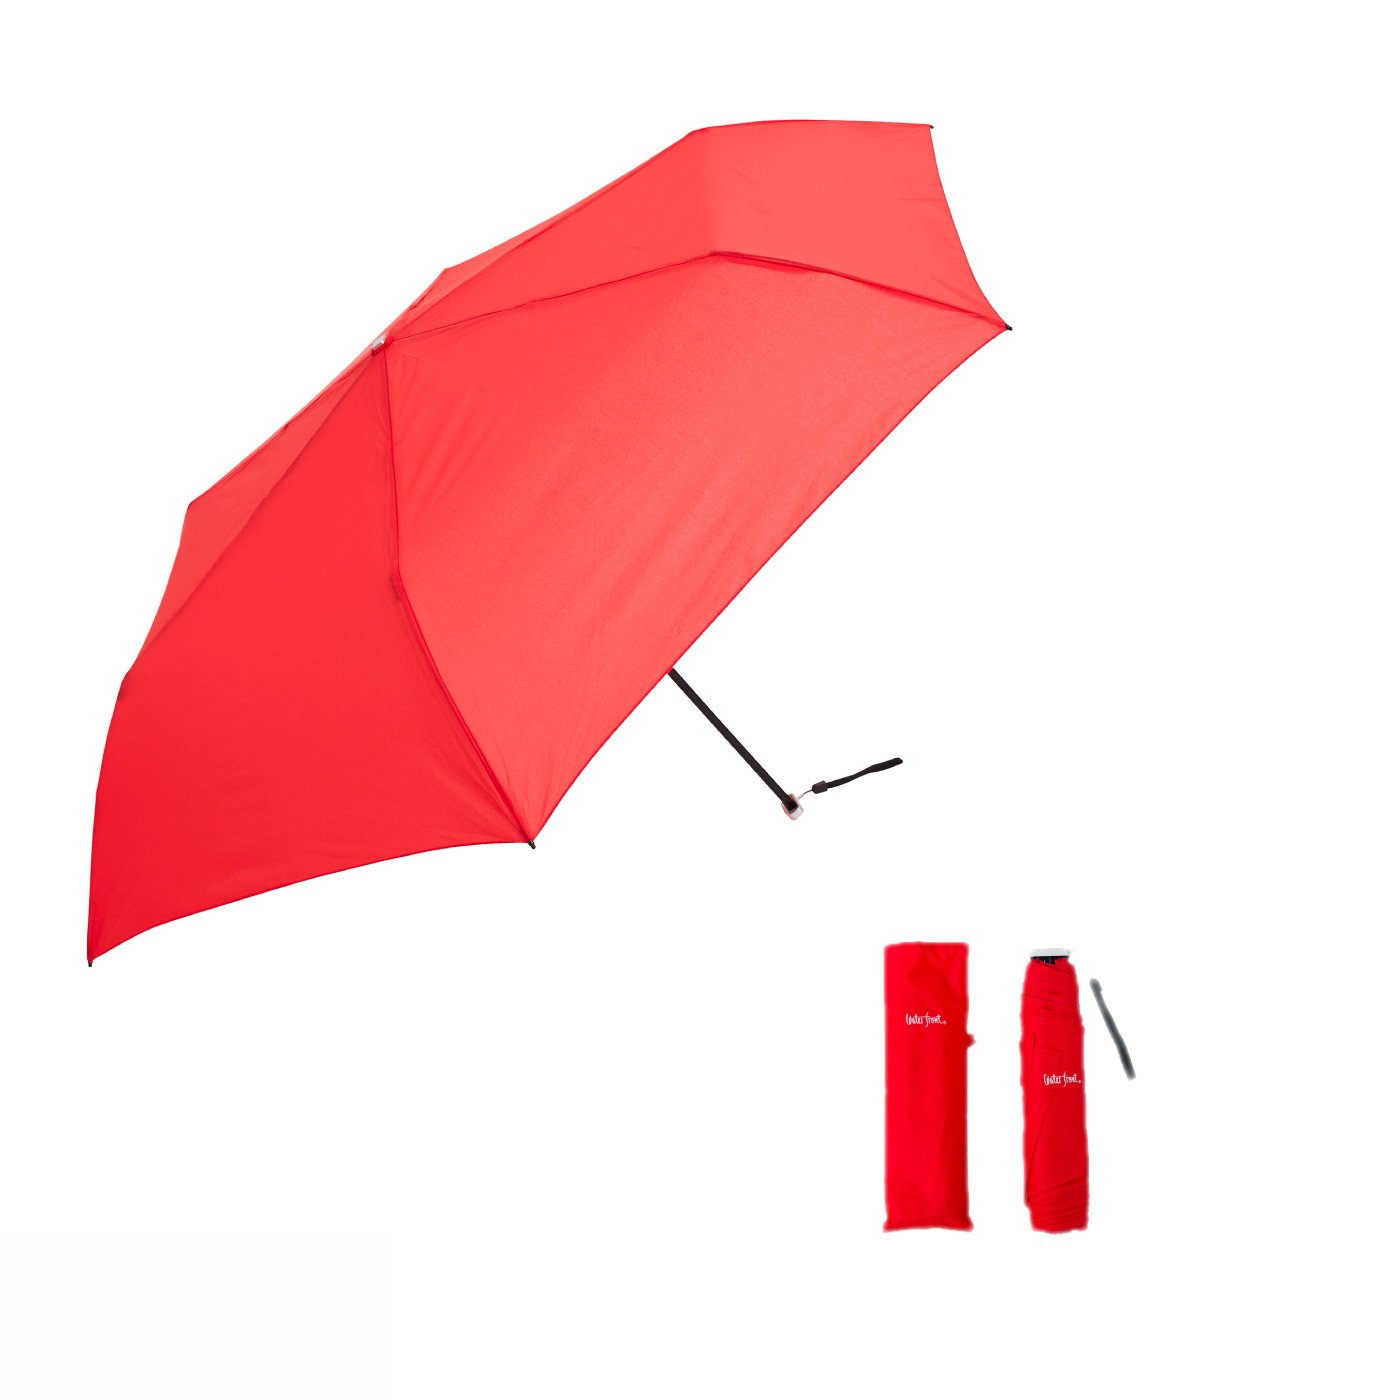 厚さ約2.5cm!収納上手な超薄型 晴雨兼用傘 スマートフラット(カラー)